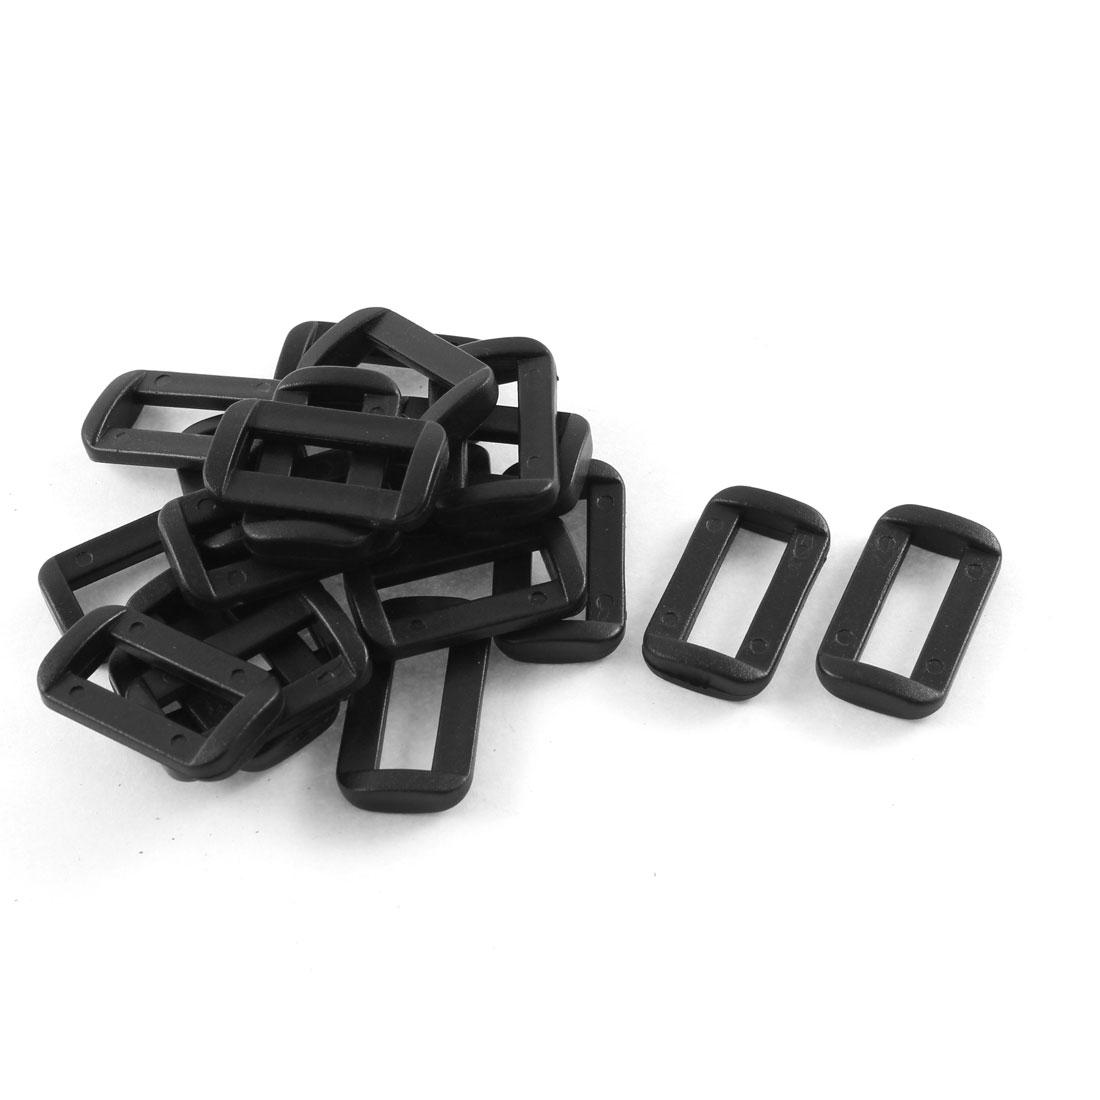 20pcs Black Plastic Bar Slides Buckles for 20mm Webbing Strap